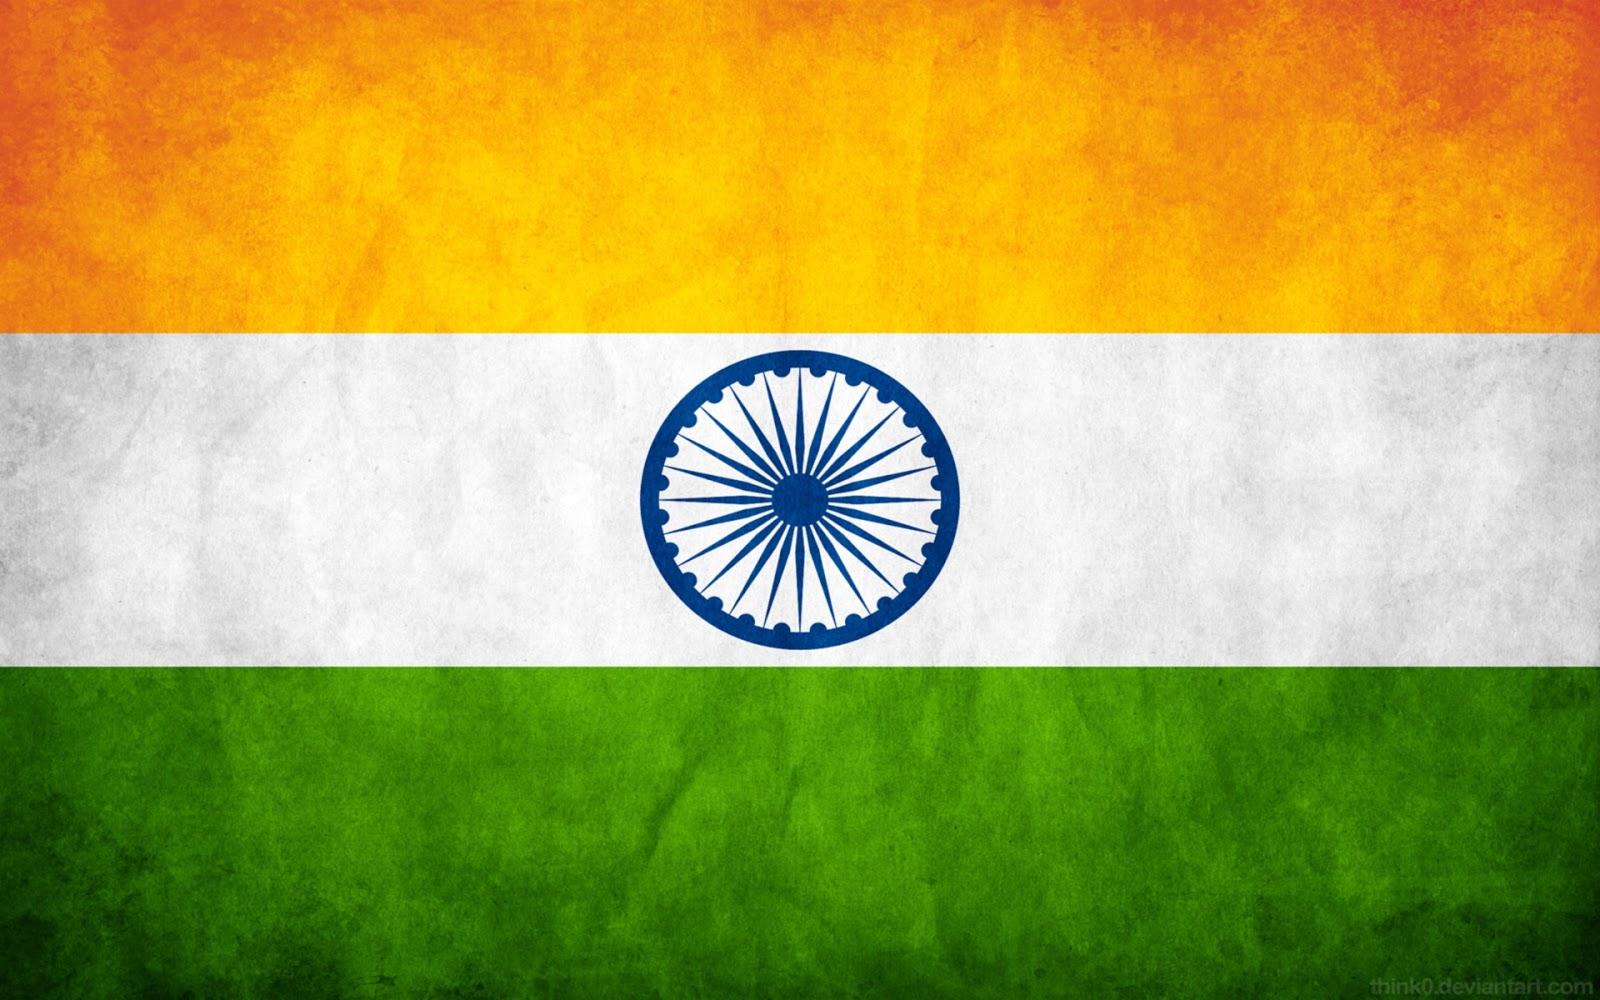 http://4.bp.blogspot.com/-dRCCV6hm5bQ/UMetj0sNyXI/AAAAAAAAA2Q/4prryH2HbwQ/s1600/India+Flag+New+HD+Wallpaper+(1).jpg